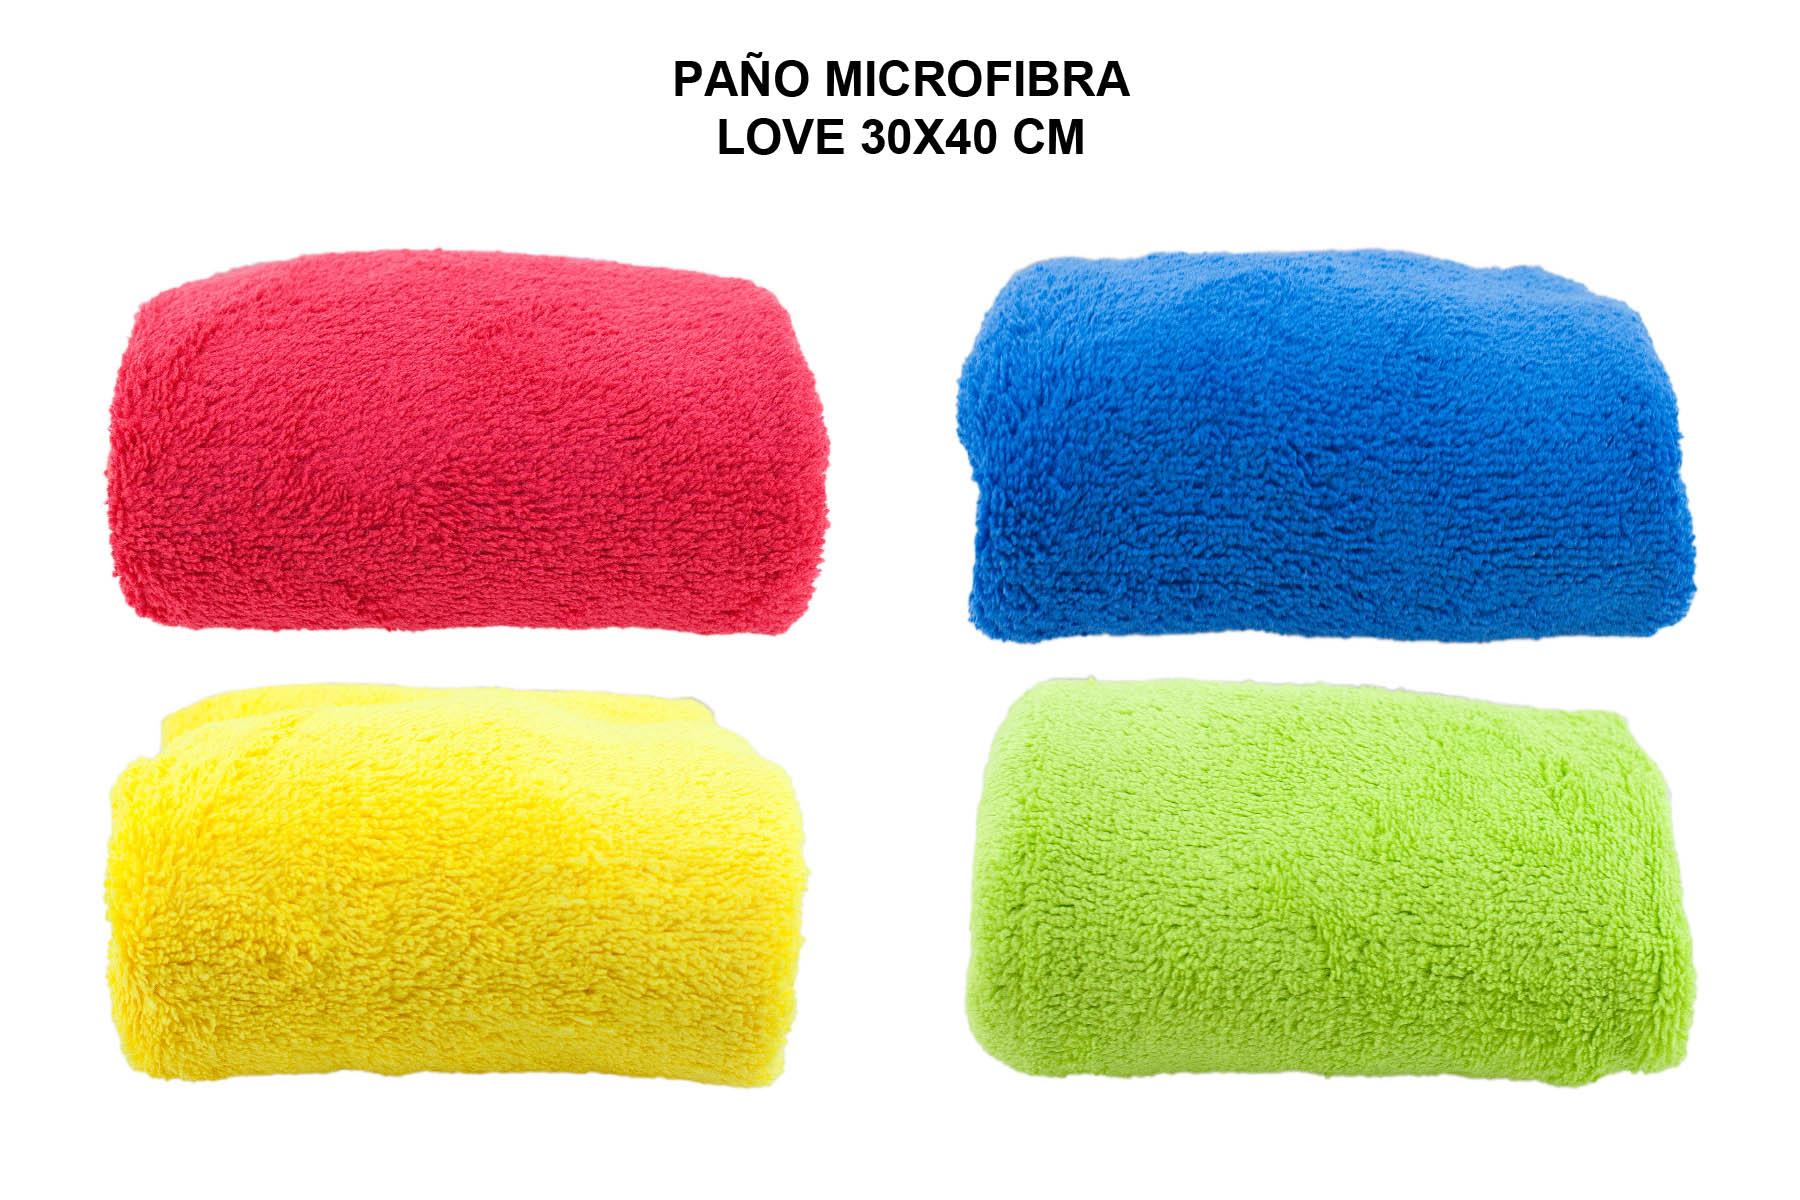 PAÑO MICROFIBRA LOVE 30X40 CM